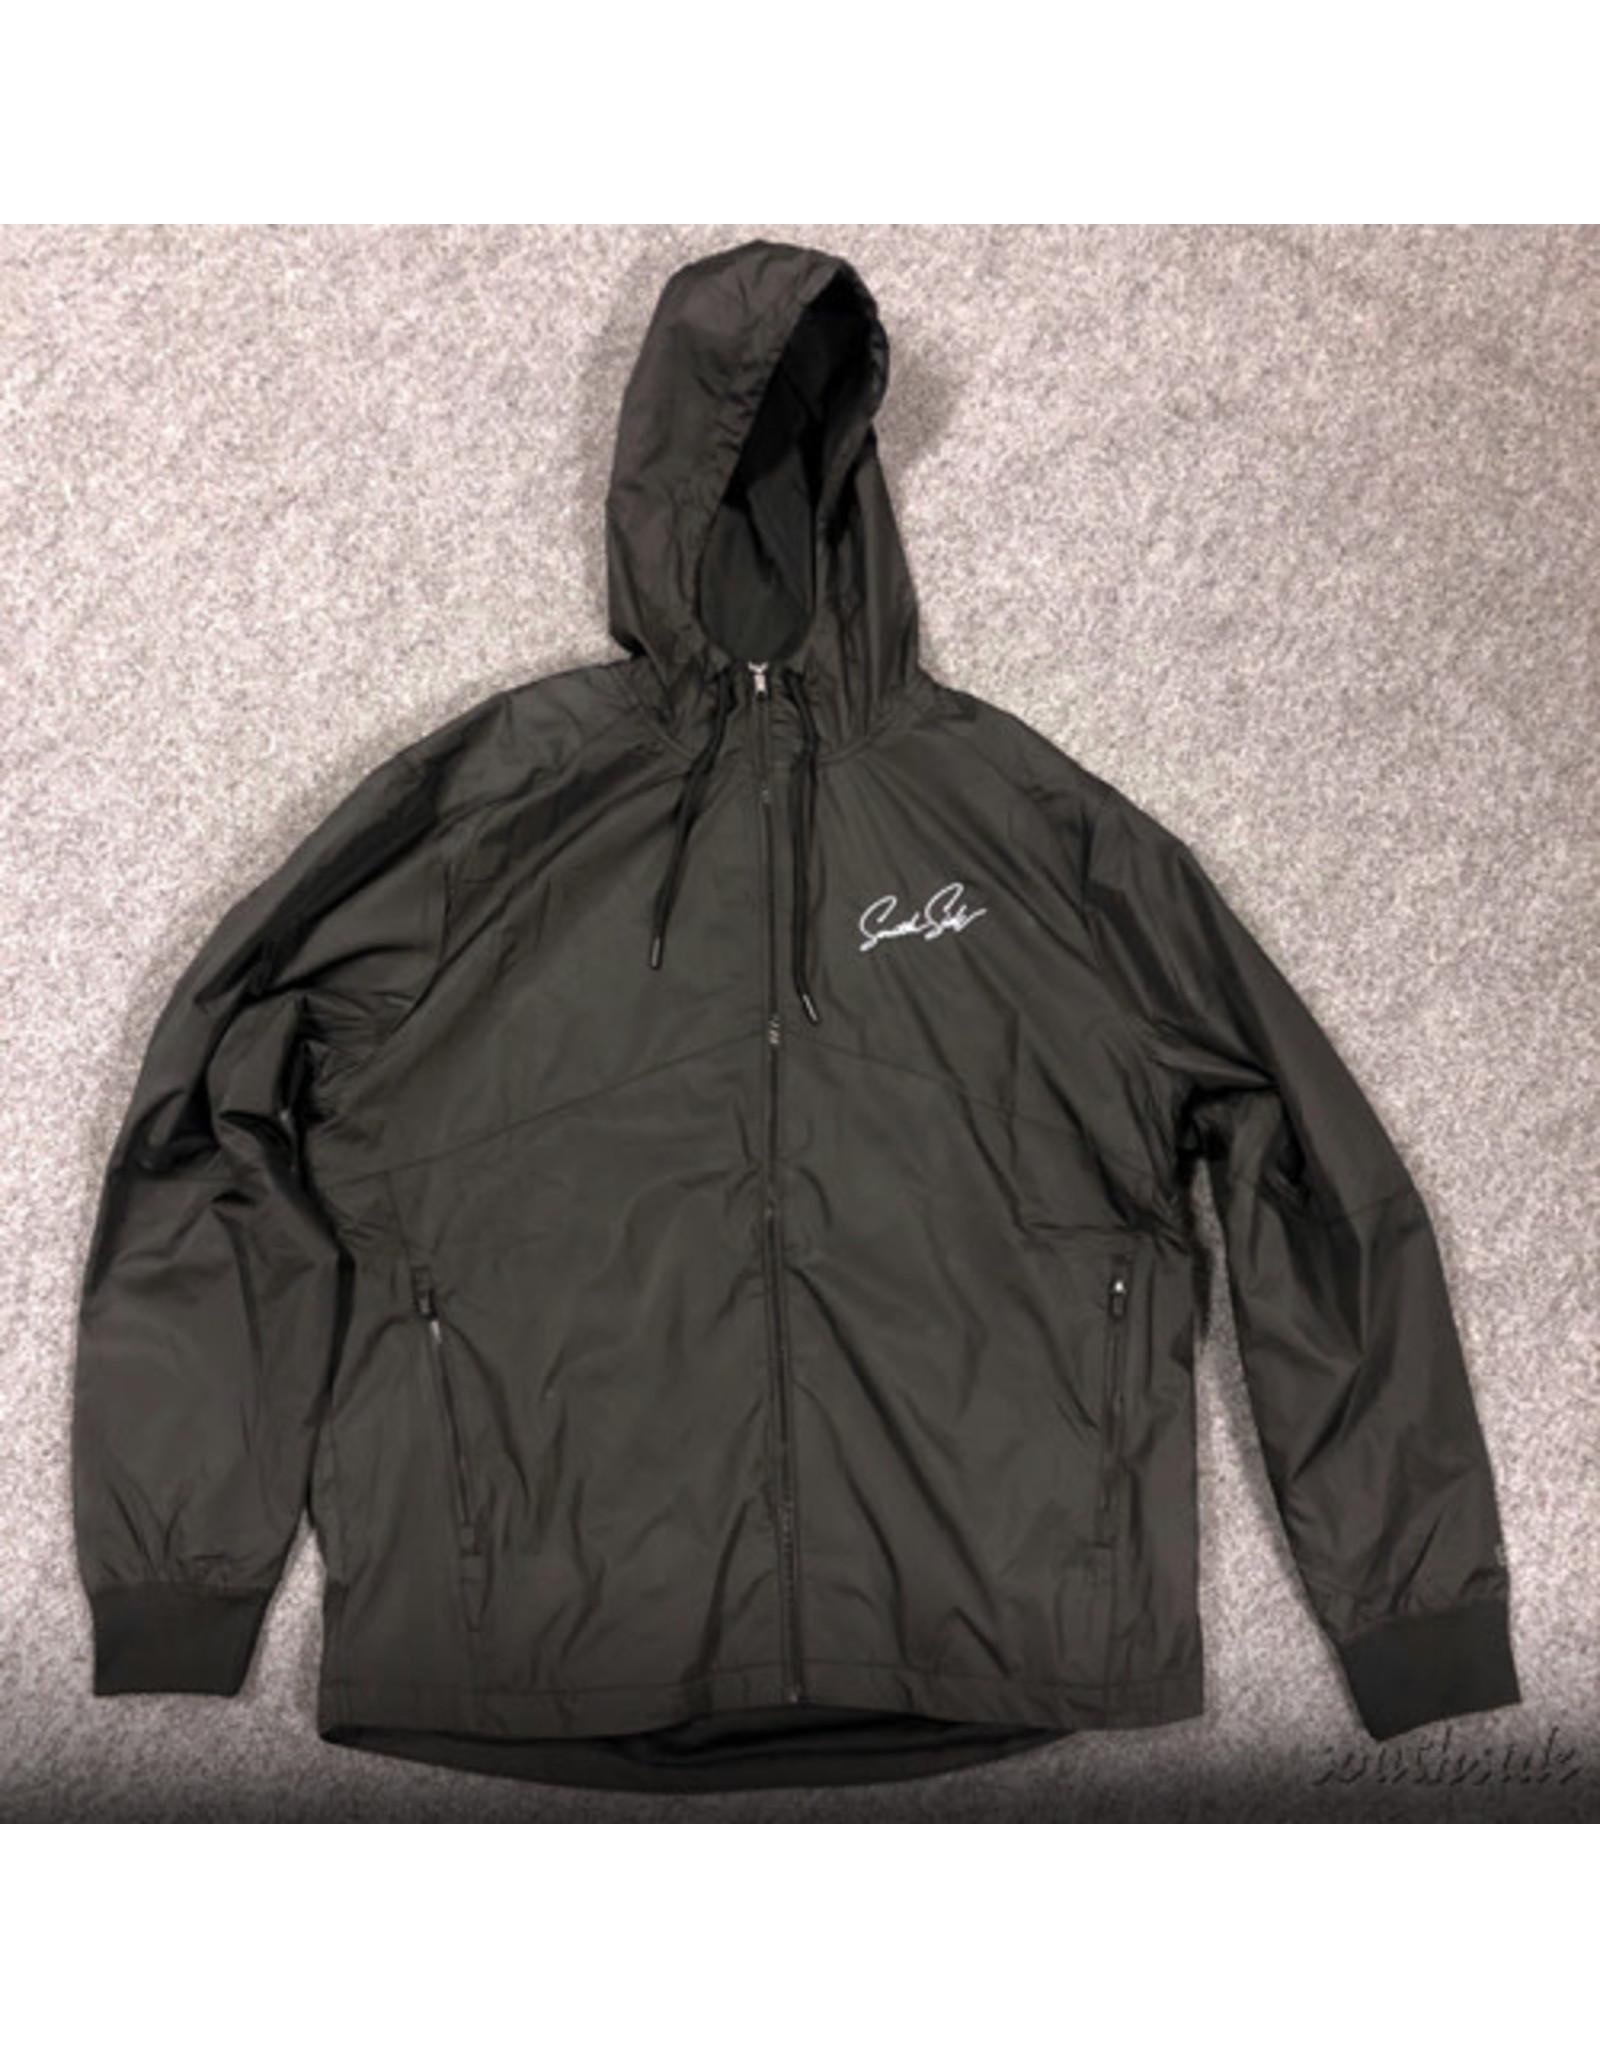 Southside Southside Script Jacket Embroidered Black